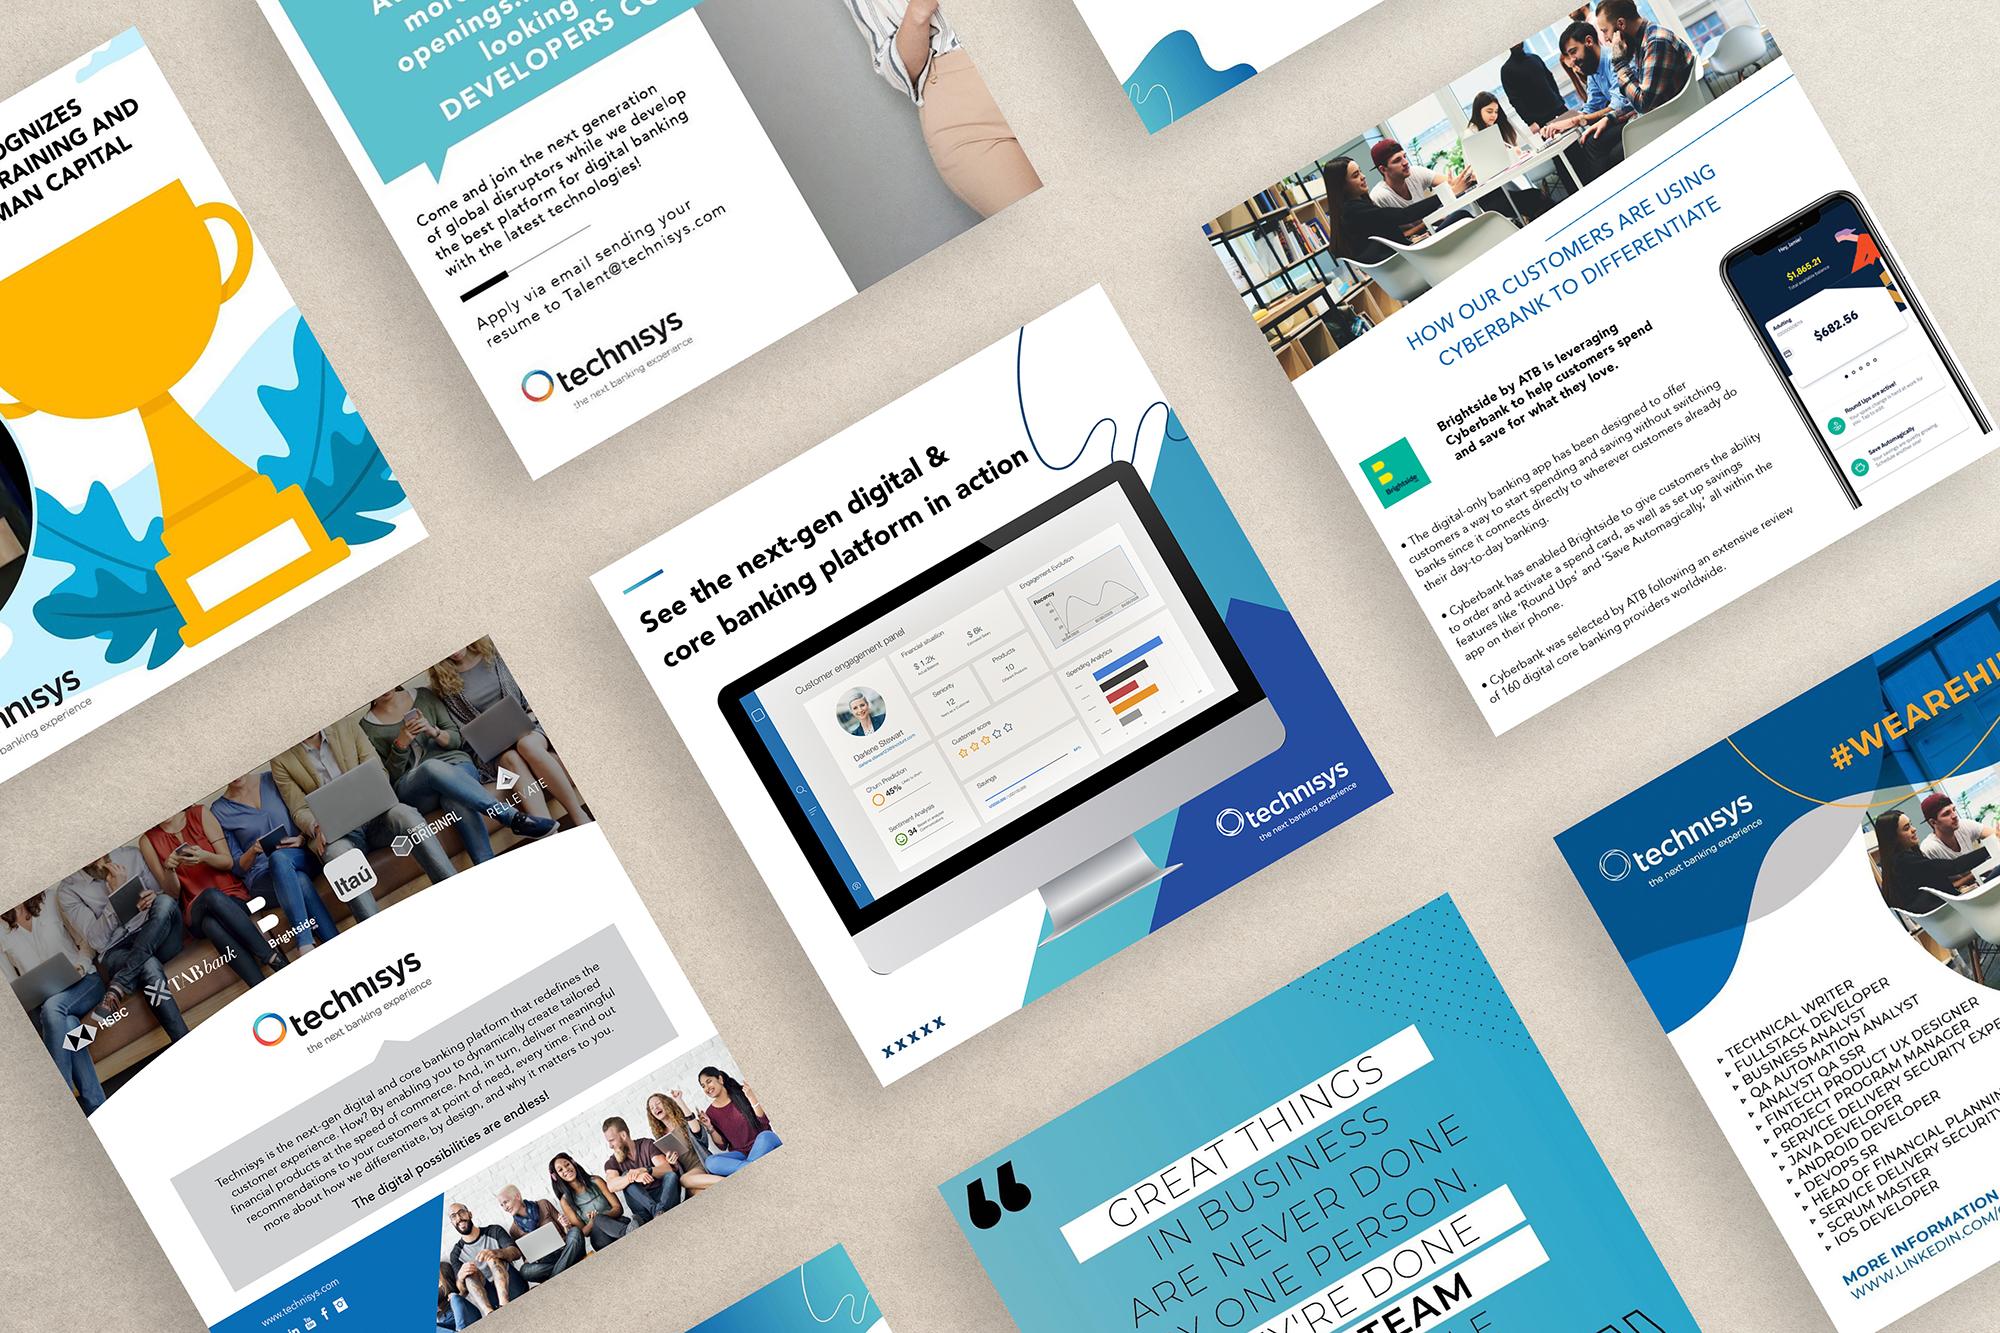 Projekt Group Branding - Technisys - Social Media Designs